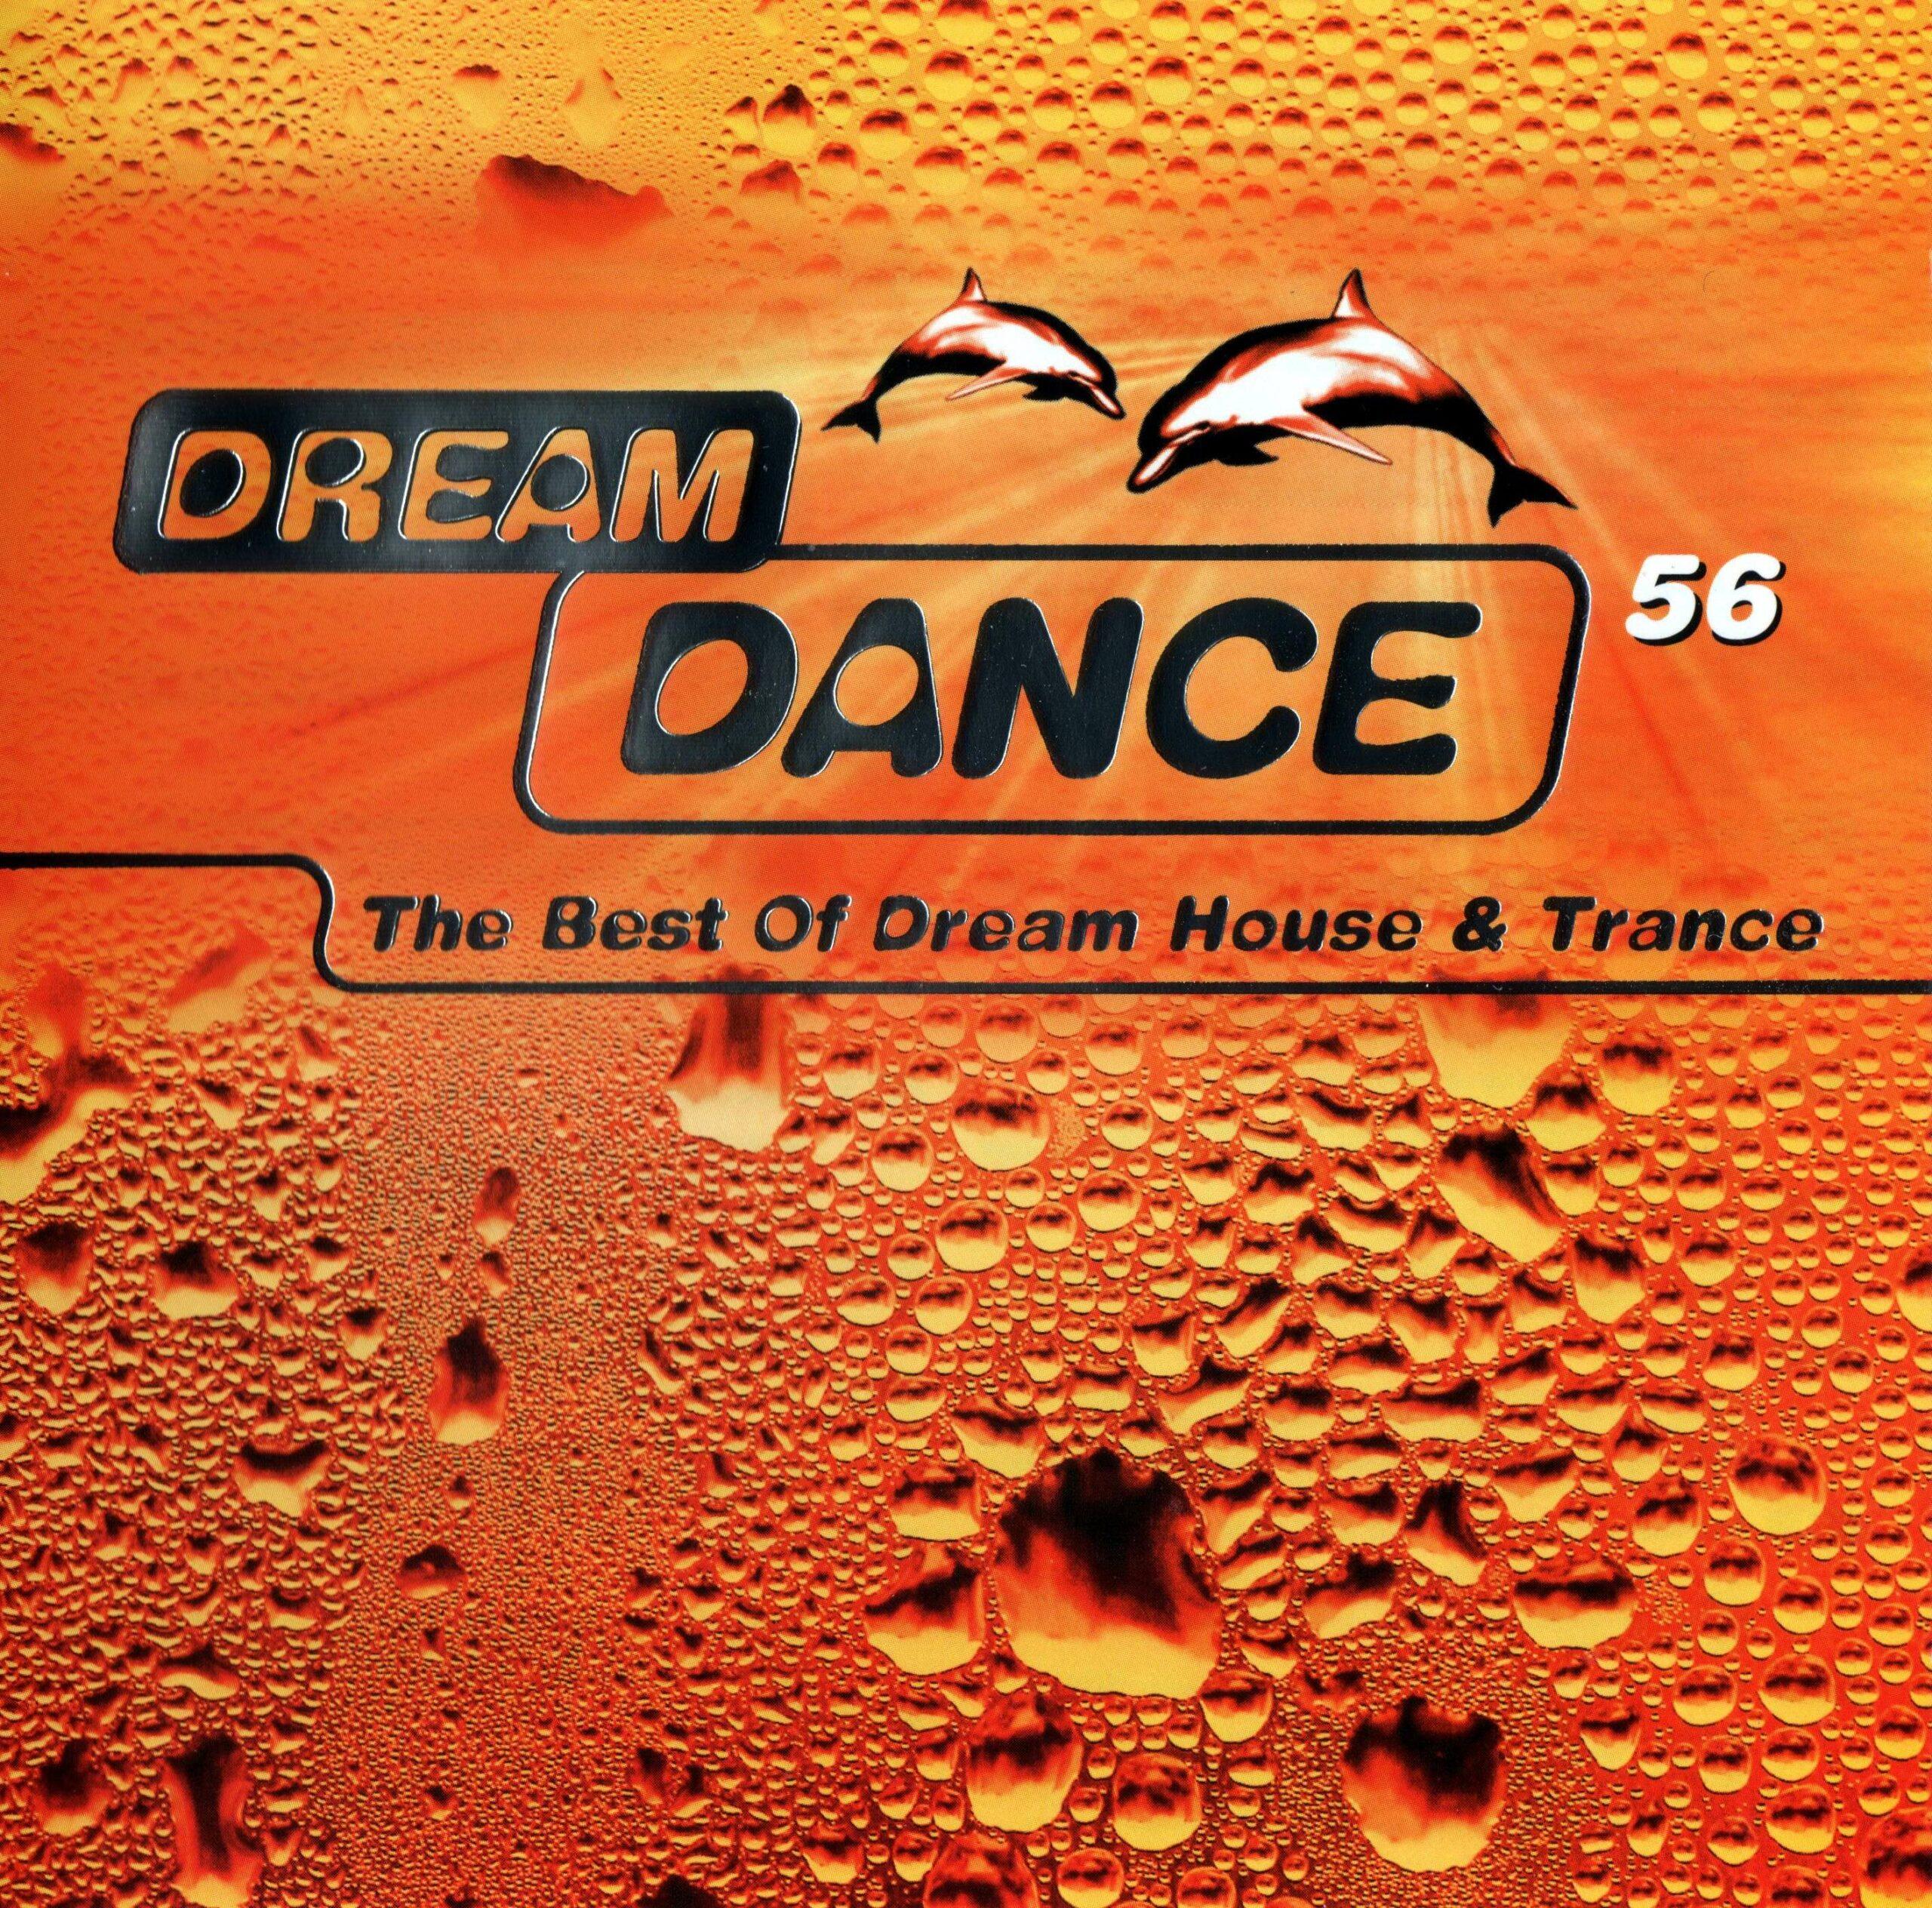 Sony Music《Dream Dance Vol. 56》[CD级无损/44.1kHz/16bit]